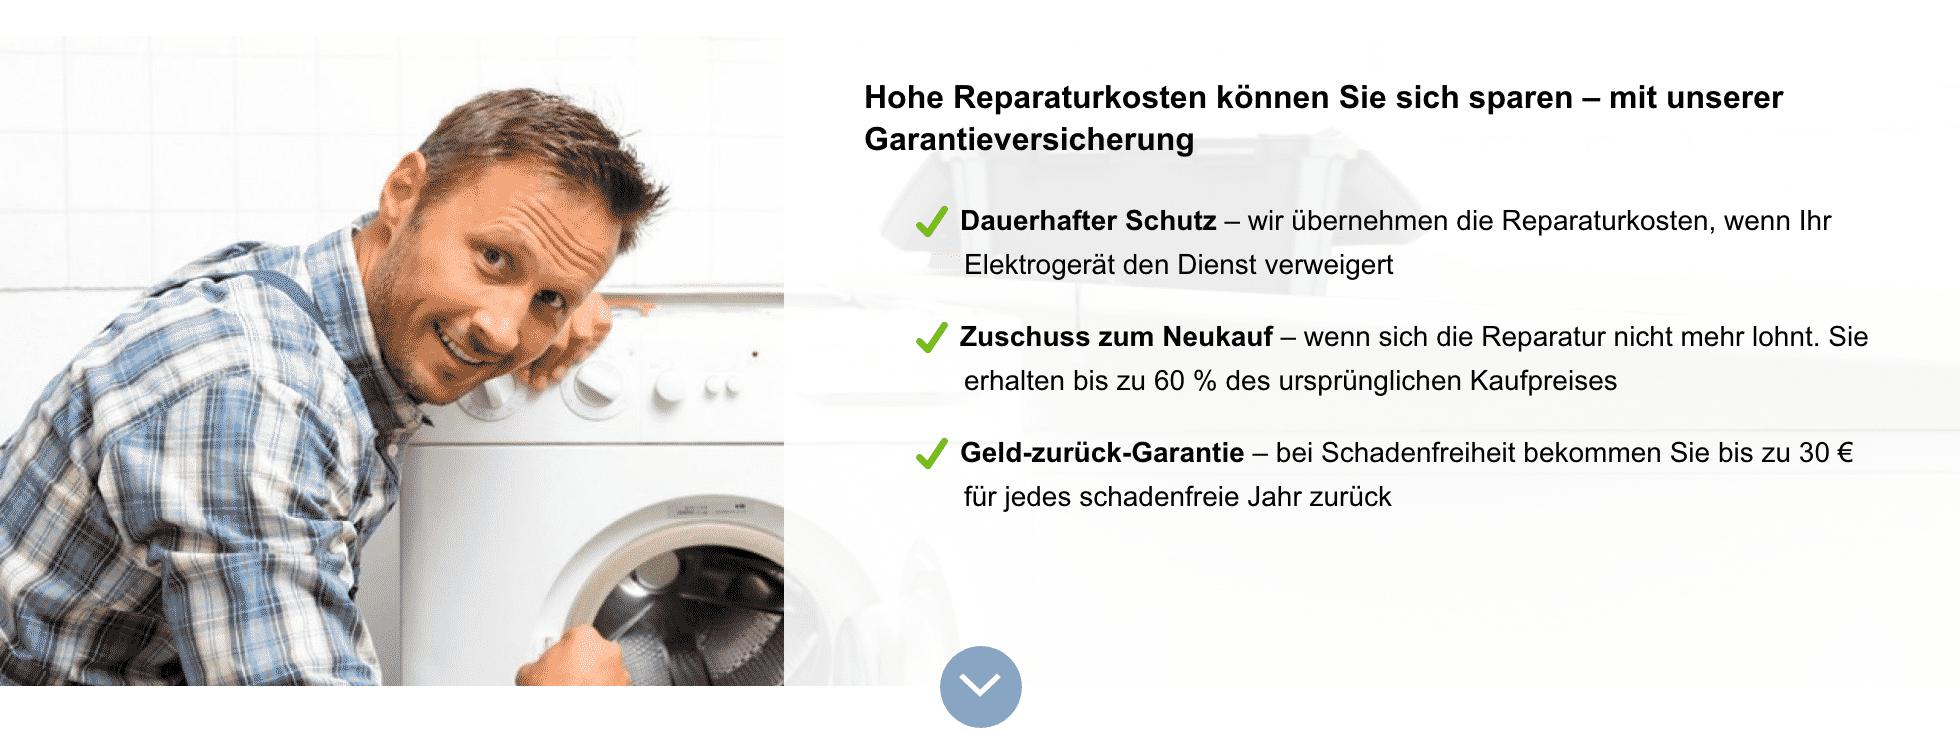 ErgoDirekt Garantieversicherung für Handys und Smartphones